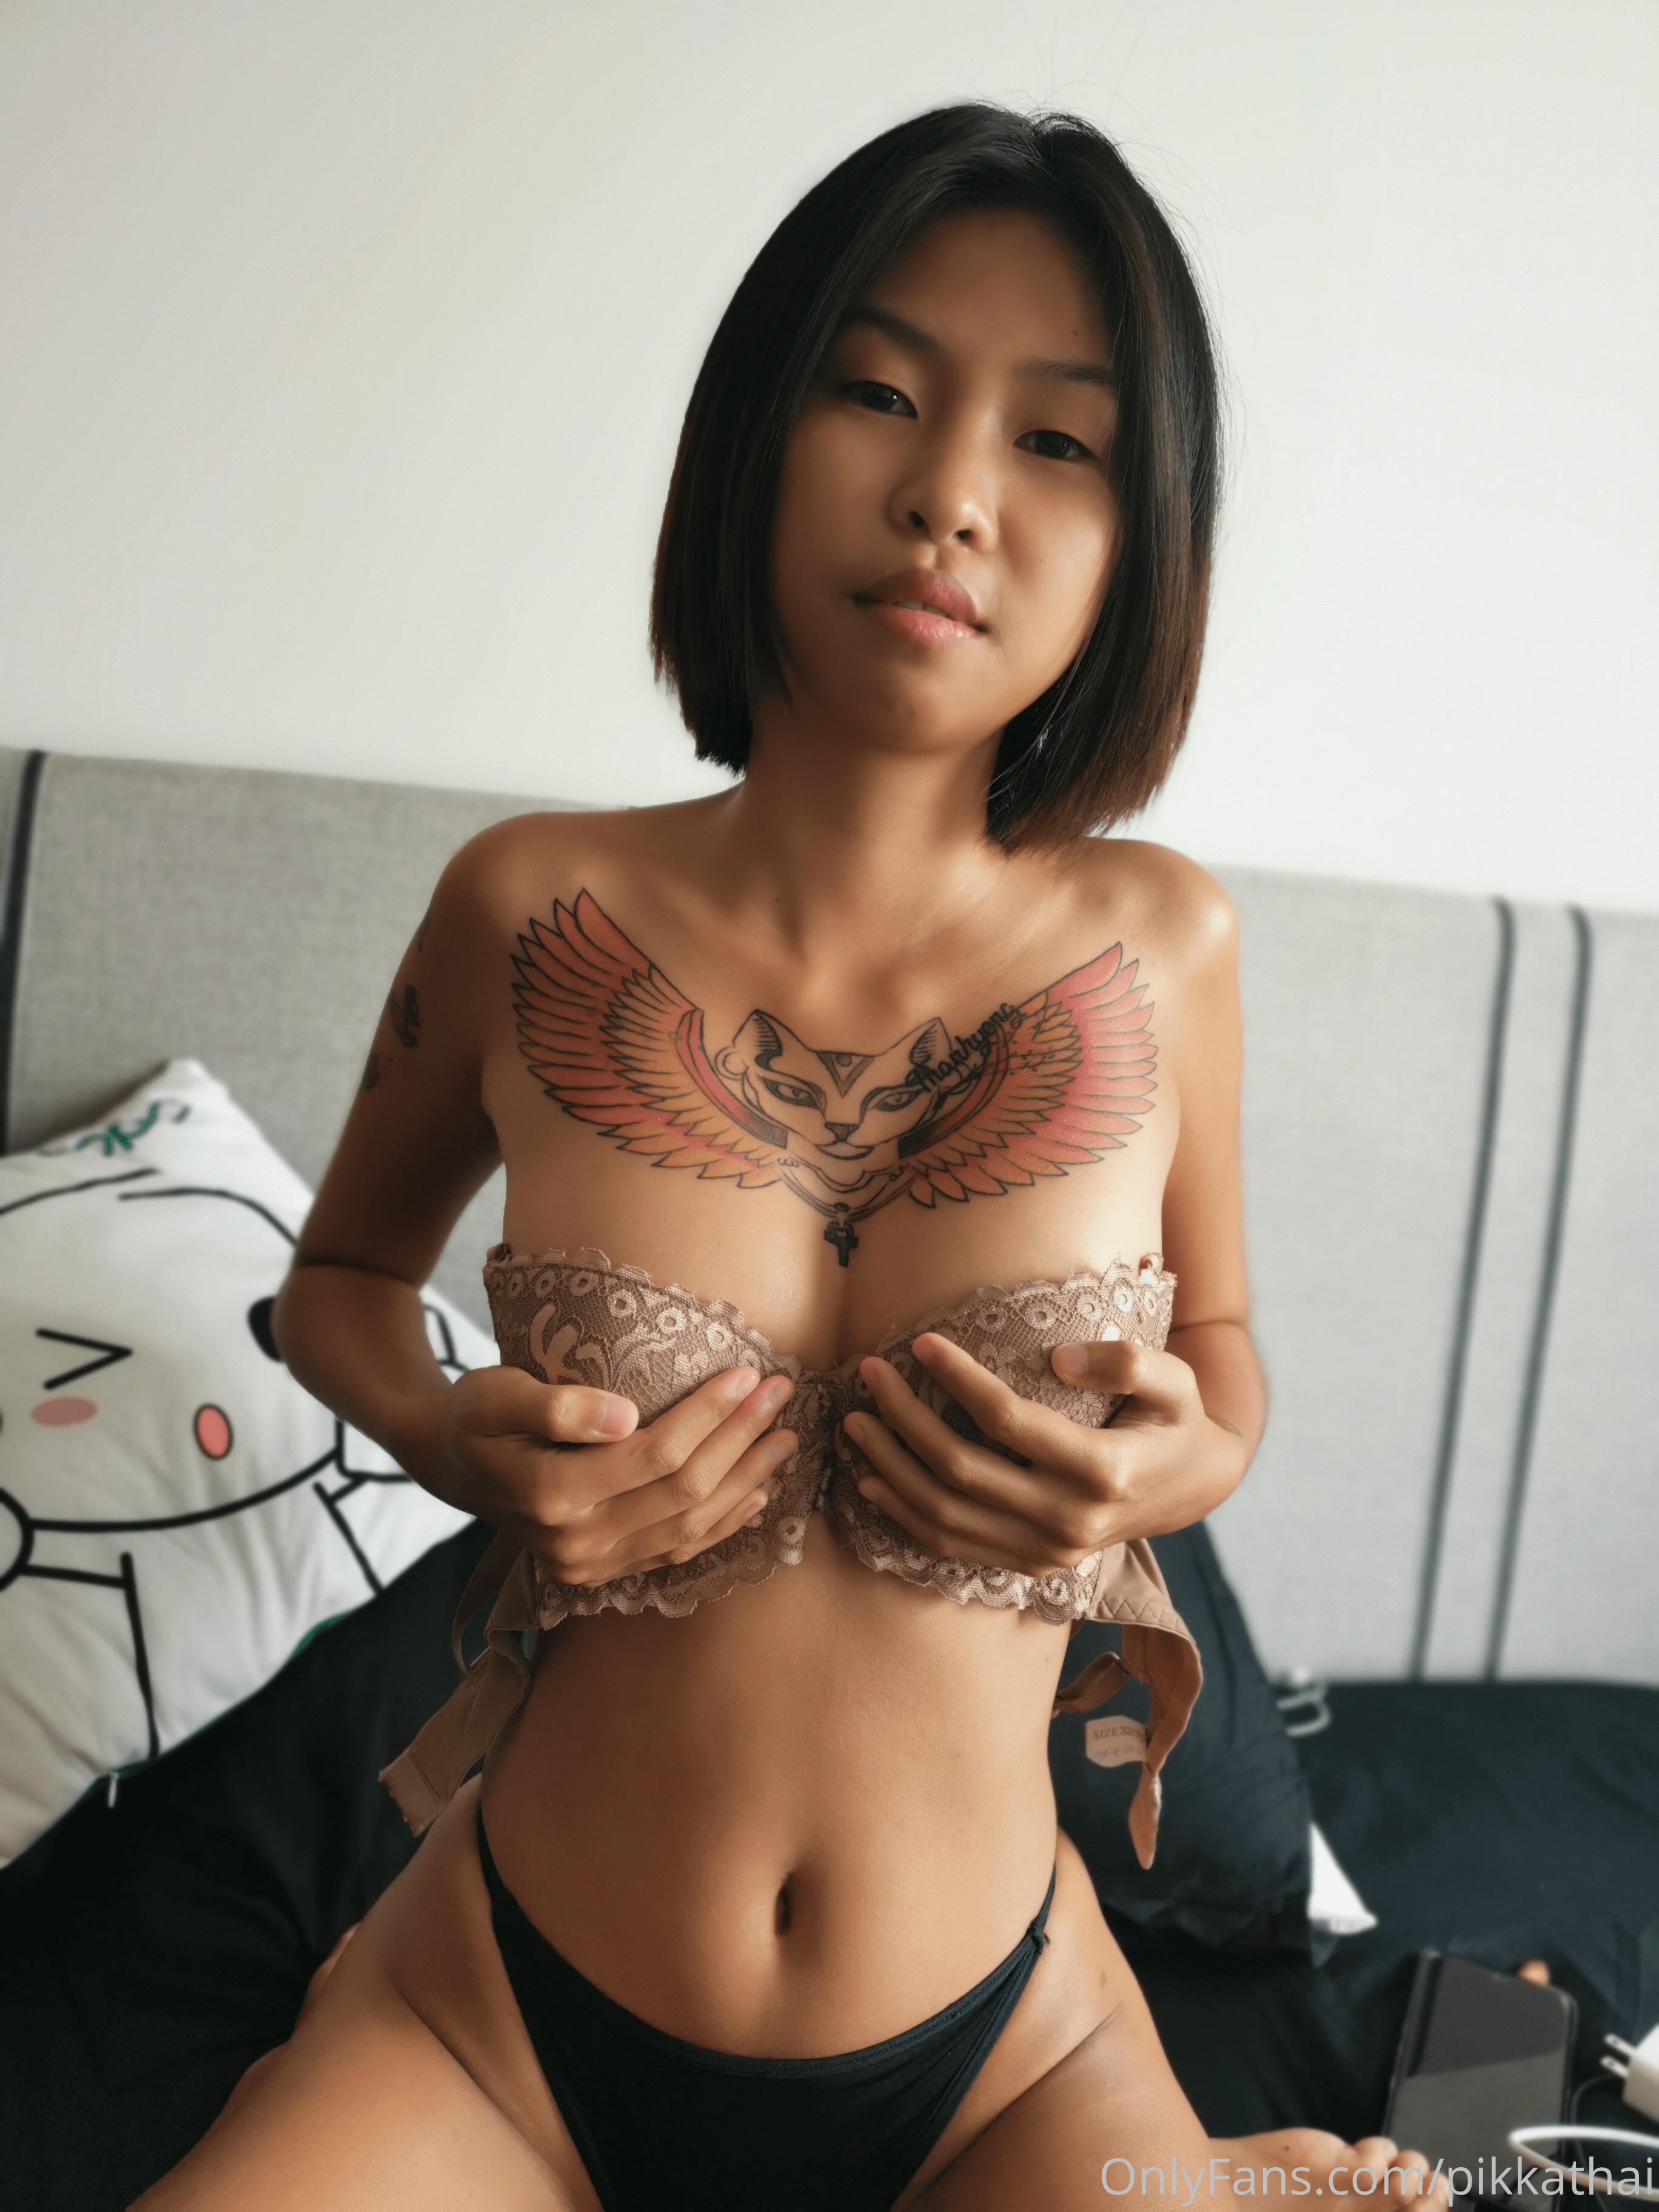 Pikka Thai Onlyfans 0022